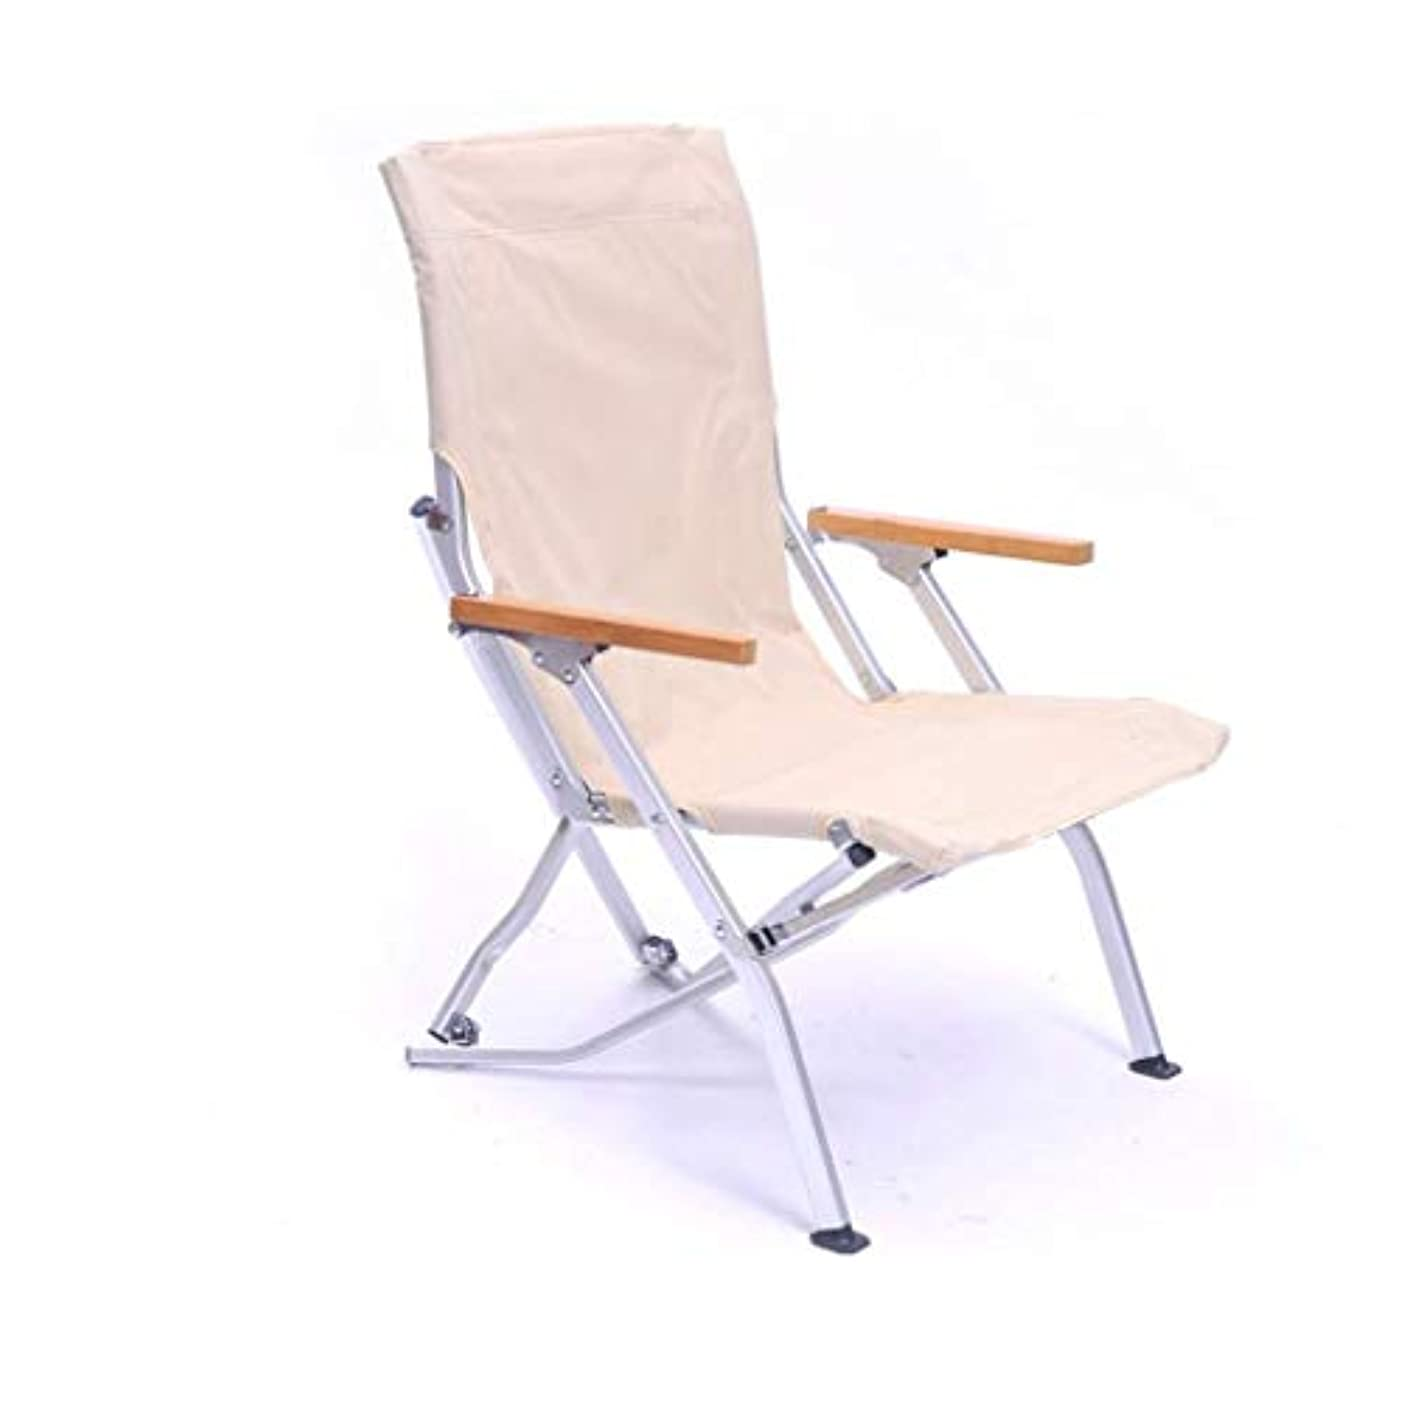 ブルジョンスペクトラムお手入れキャンプ折りたたみ椅子ハイバックポータブル用アームレスト付き屋外、芝生、庭、軽量アルミフレーム、サポート300ポンド,A